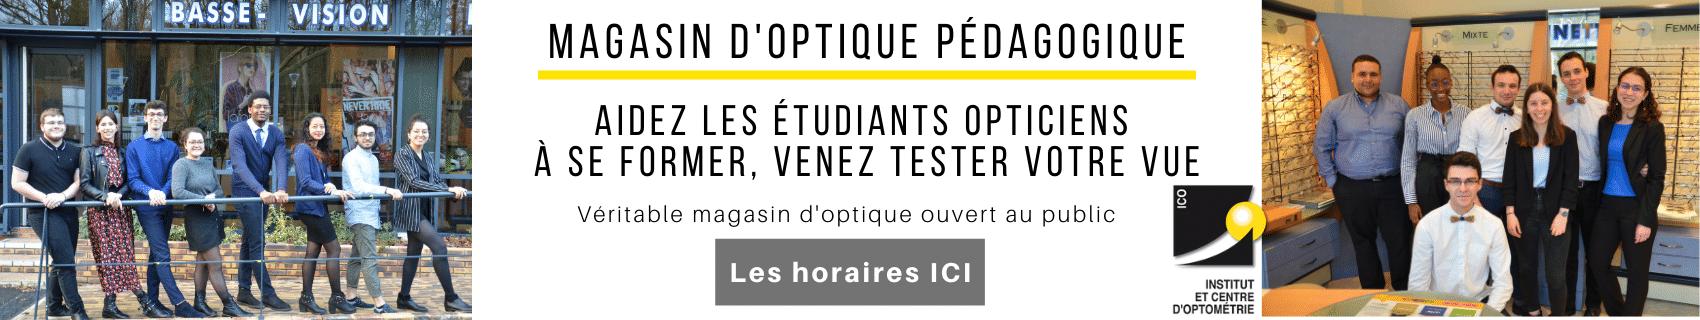 ICO école optique de Bures-sur-Yvette, venez tester votre vue au magasin d'optique pédagogique